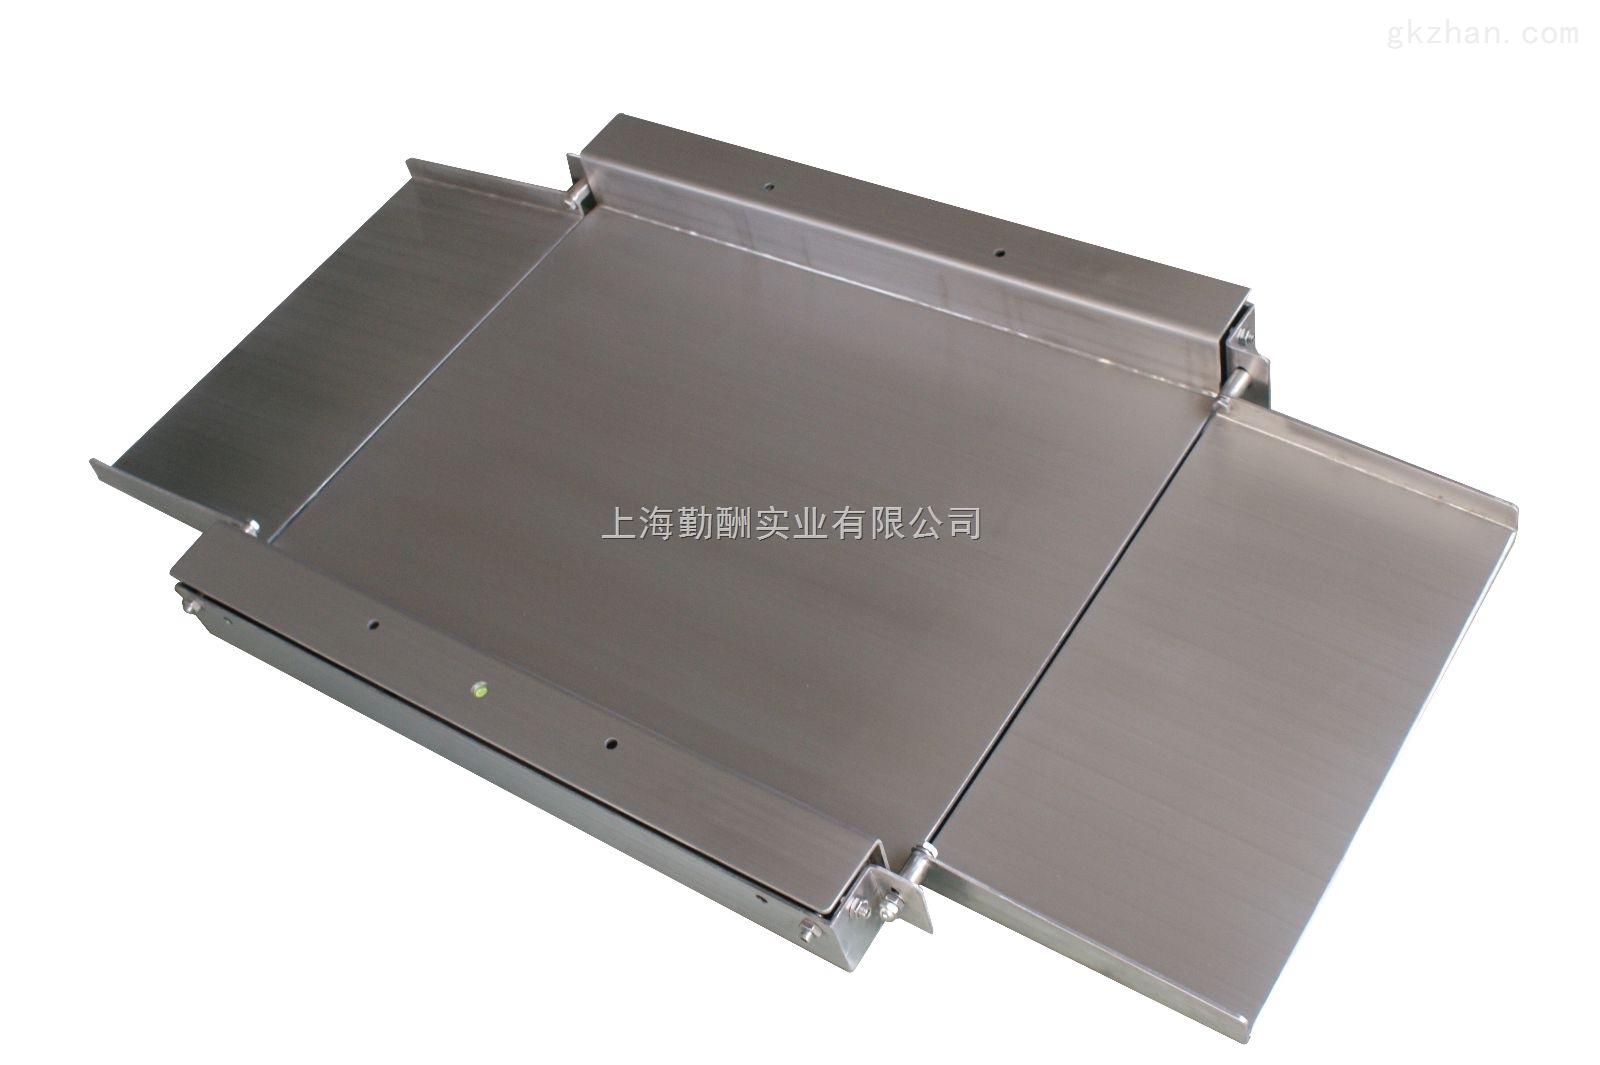 供应不锈钢超低双层平台秤